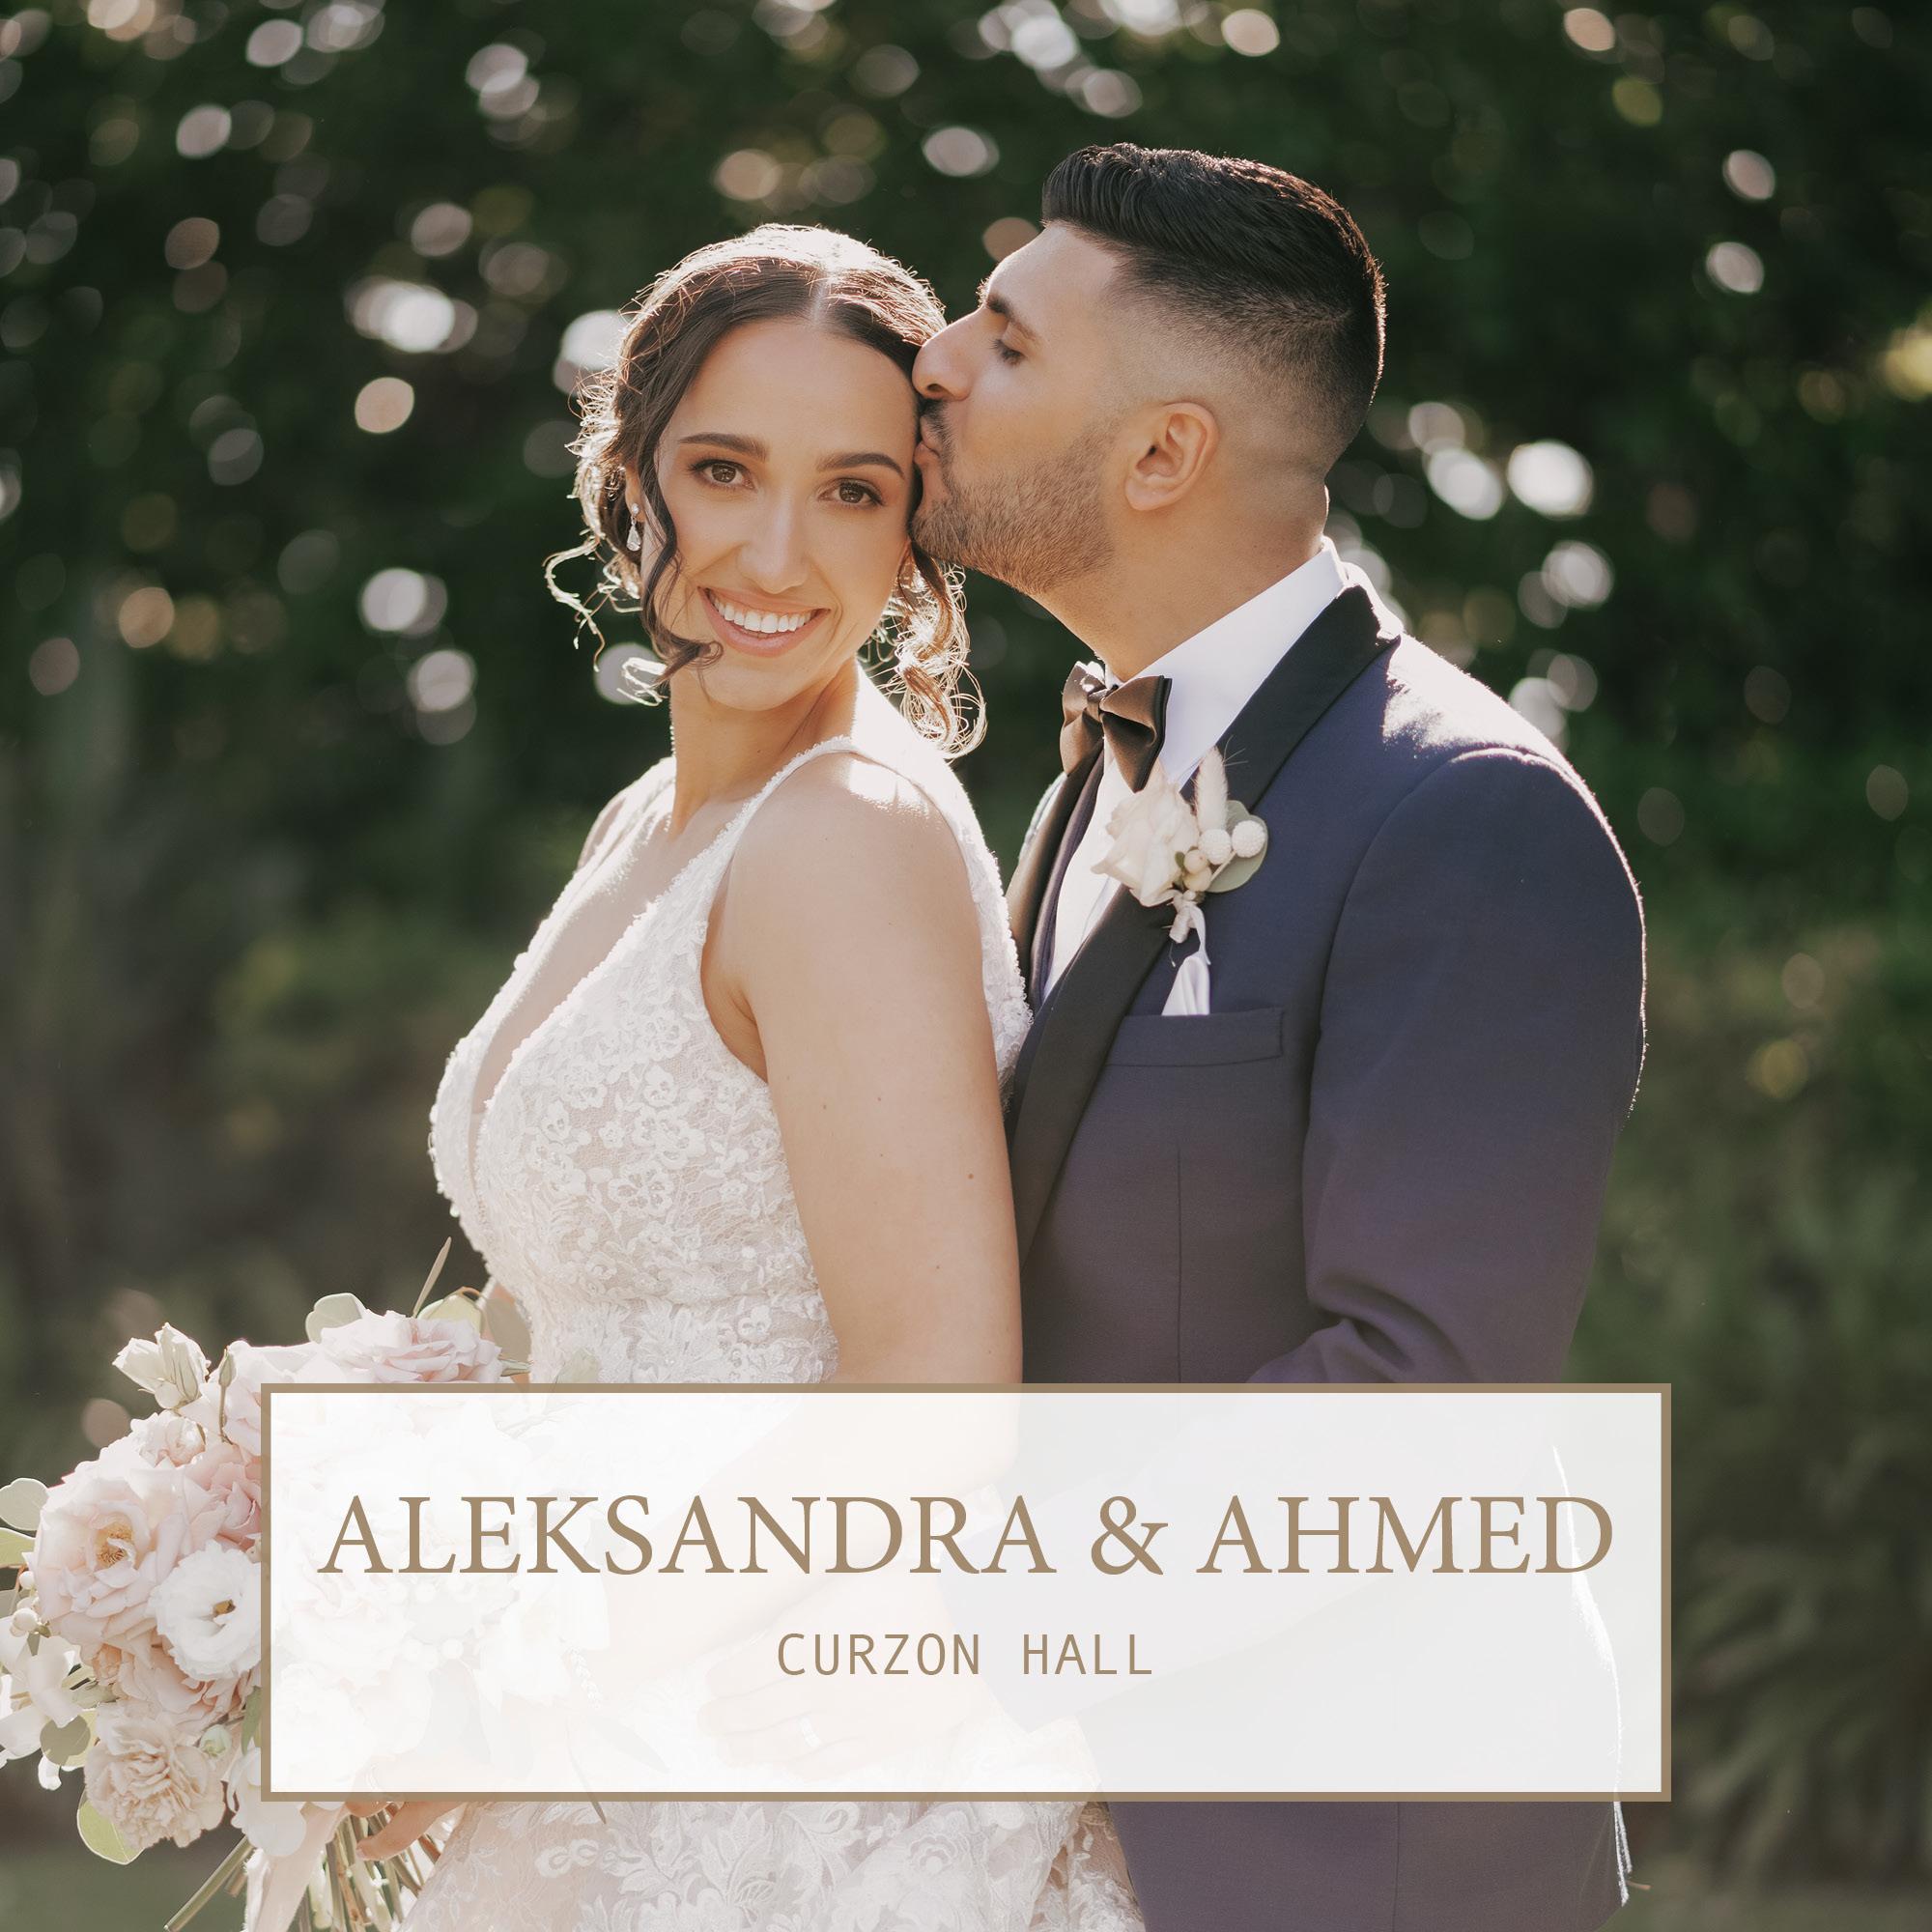 Curzon Hall Wedding: Aleksandra & Ahmed 1